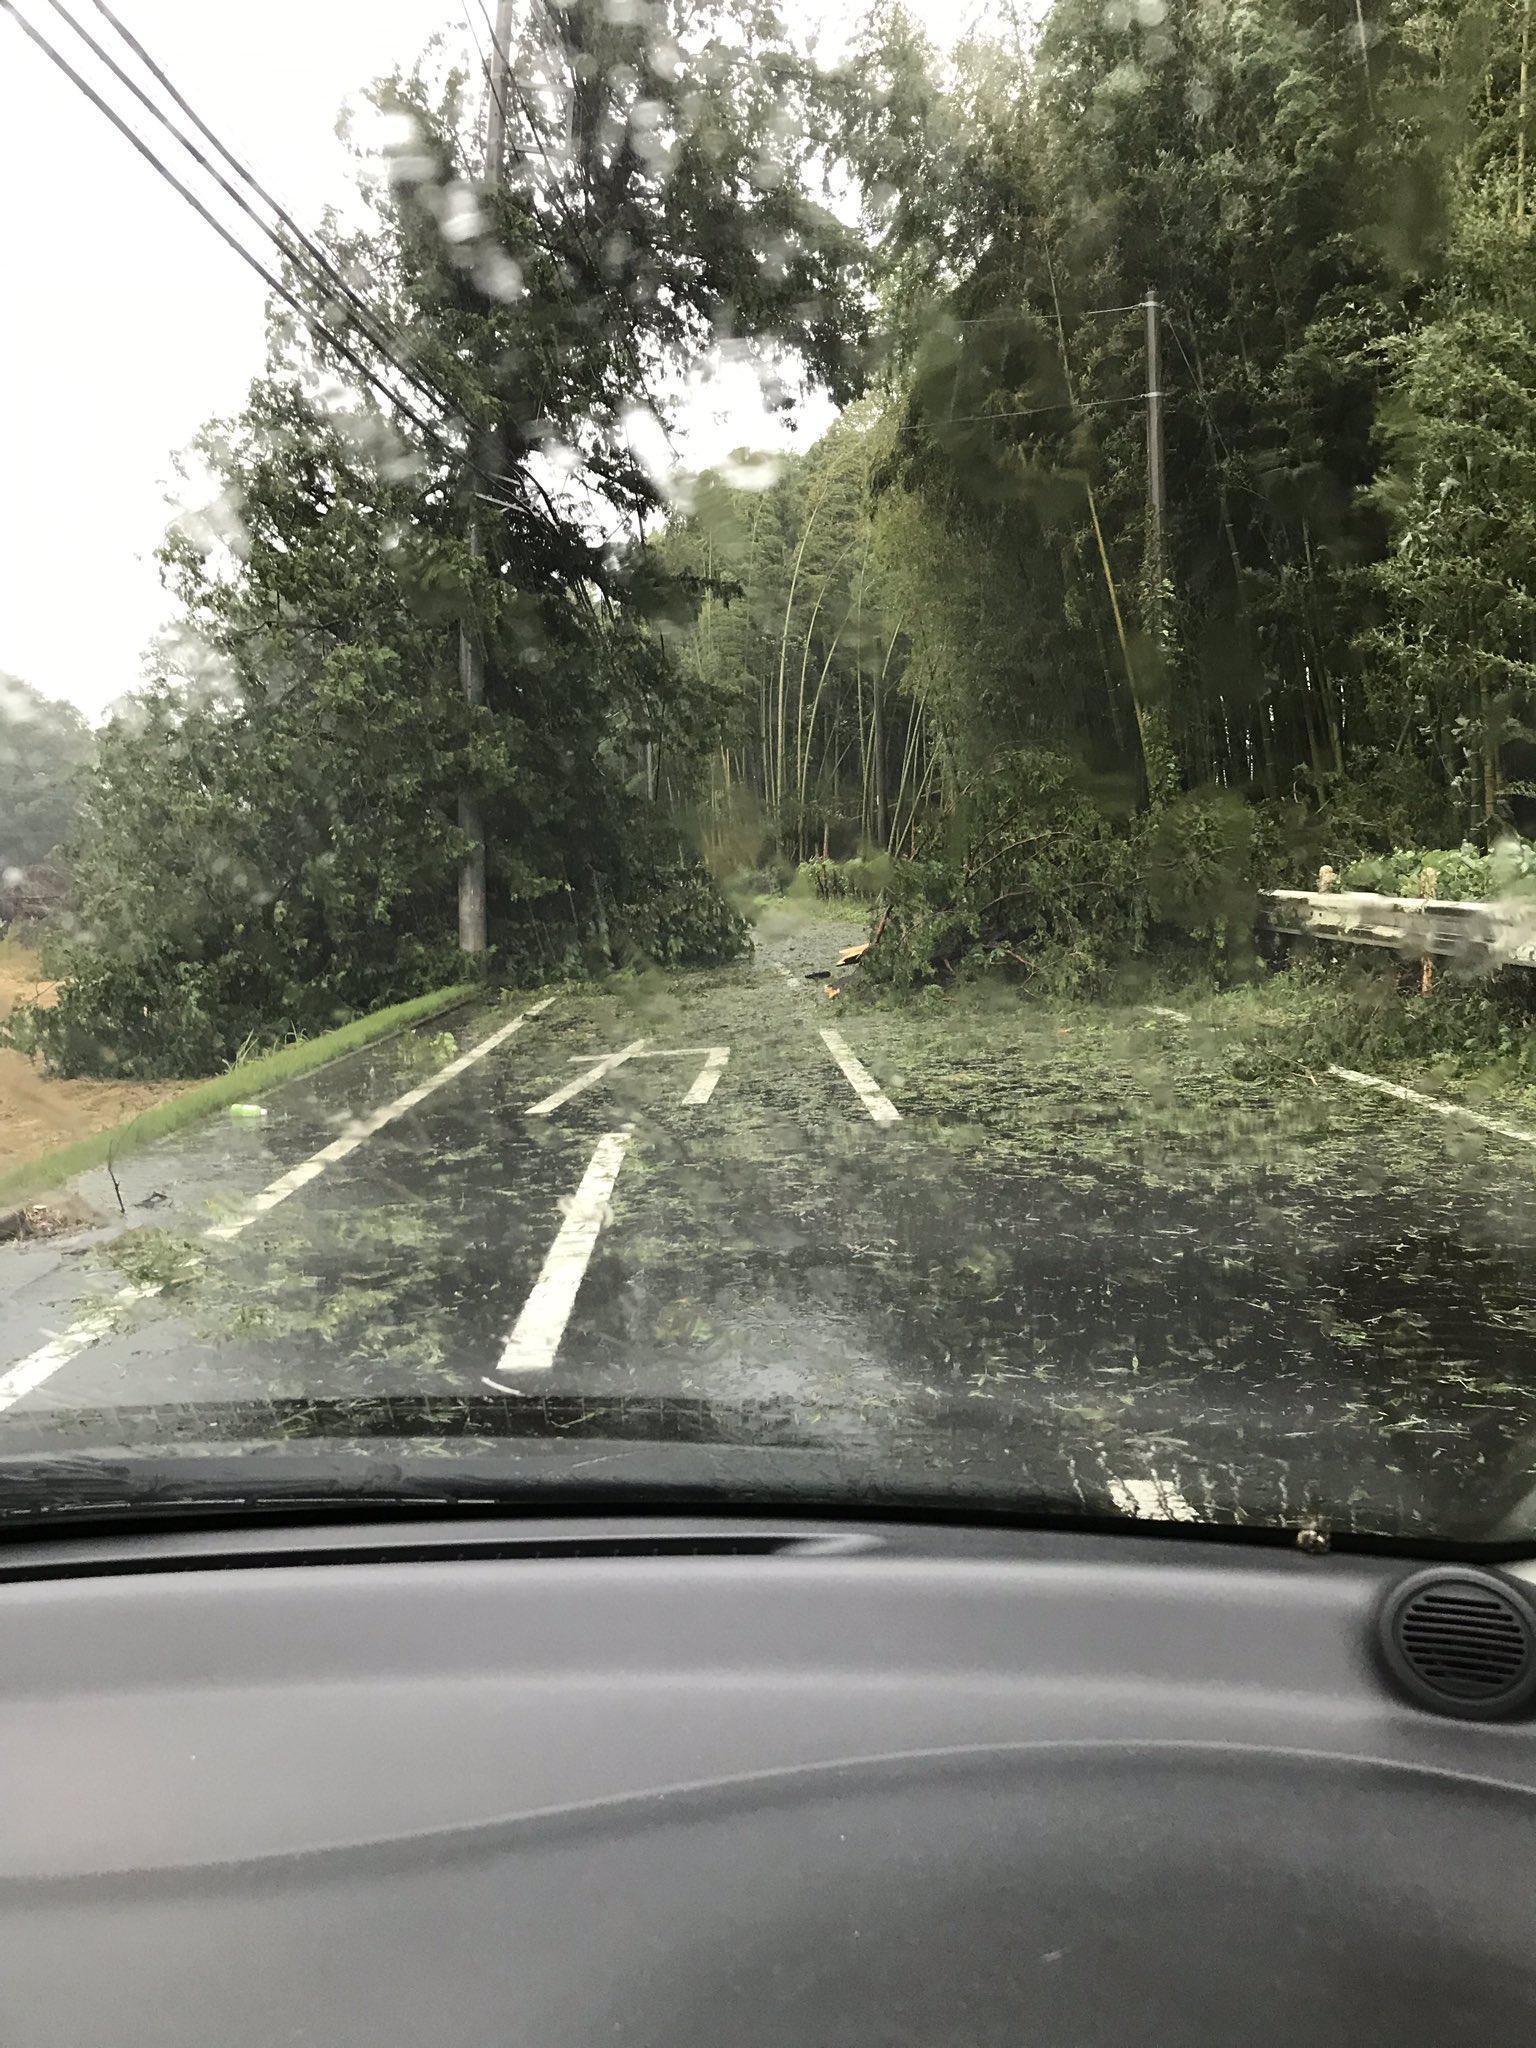 画像,おはよーございます‼️台風直撃の現場、倒木で電線が切れ停電してます!皆さんもお気をつけて❣️ https://t.co/Q01Z3R9vv5…